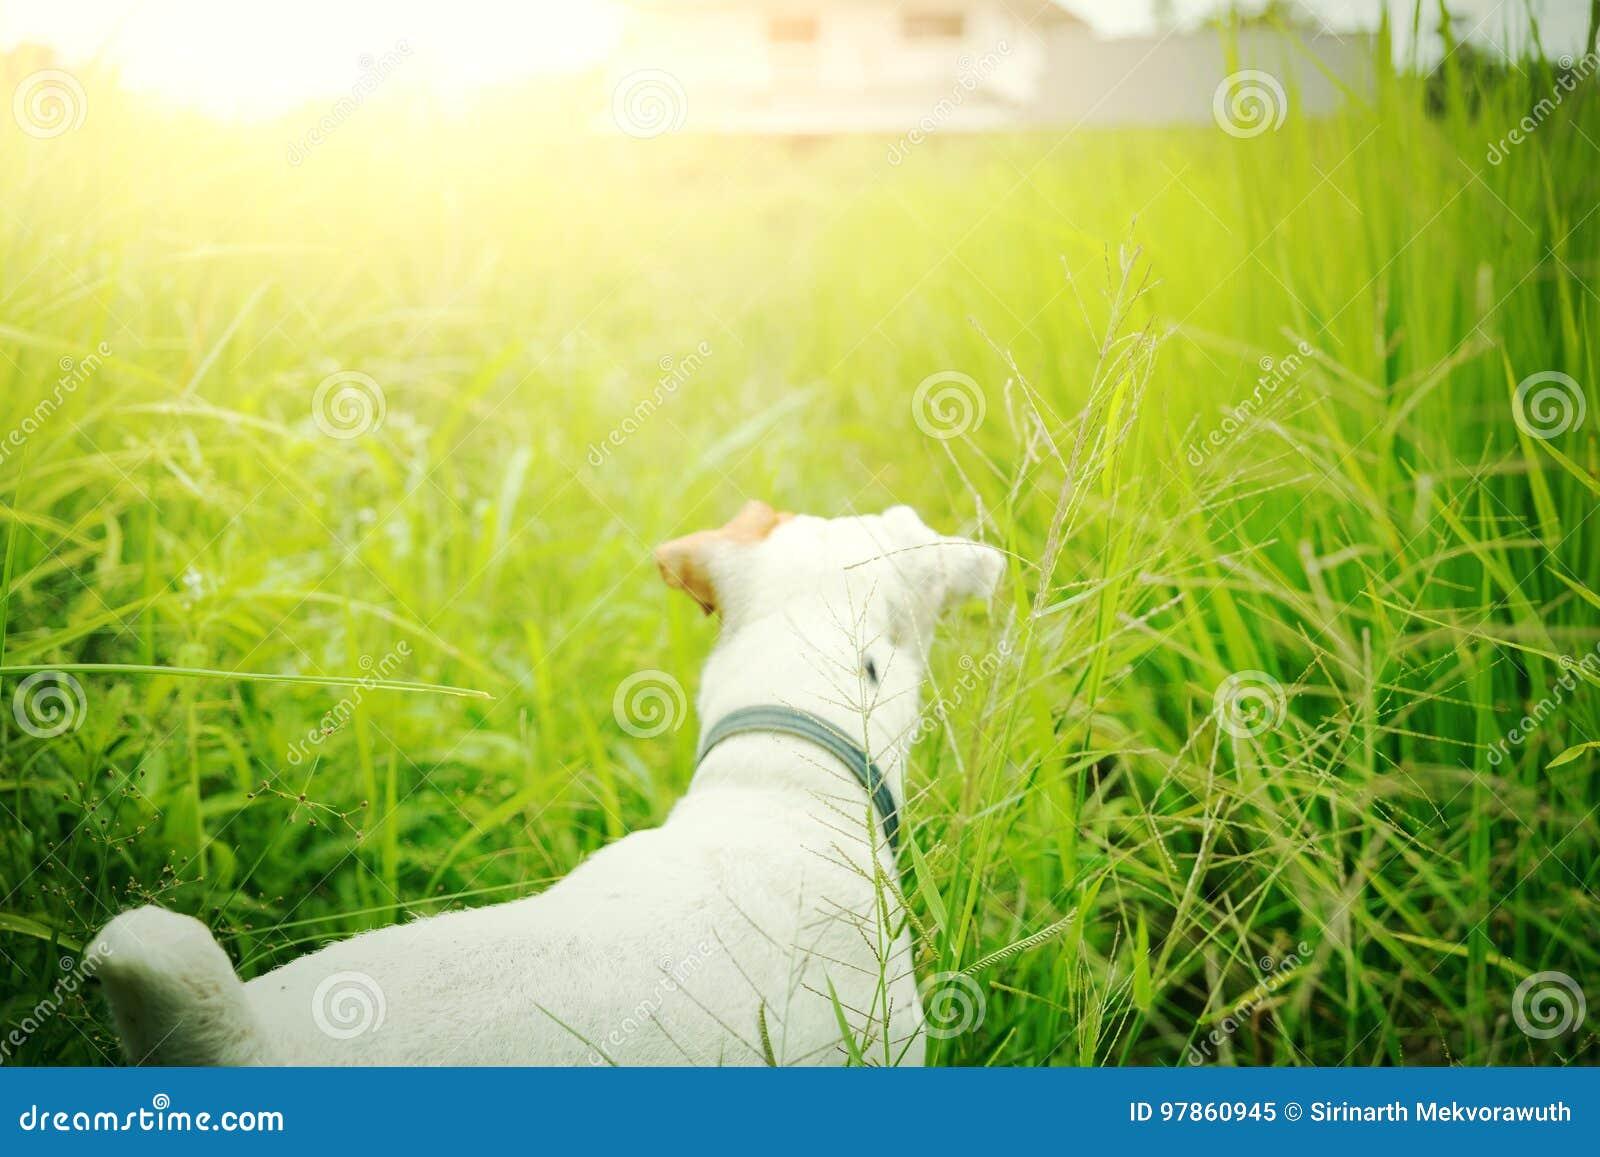 El perro perdido encuentra su casa Animal doméstico y animal